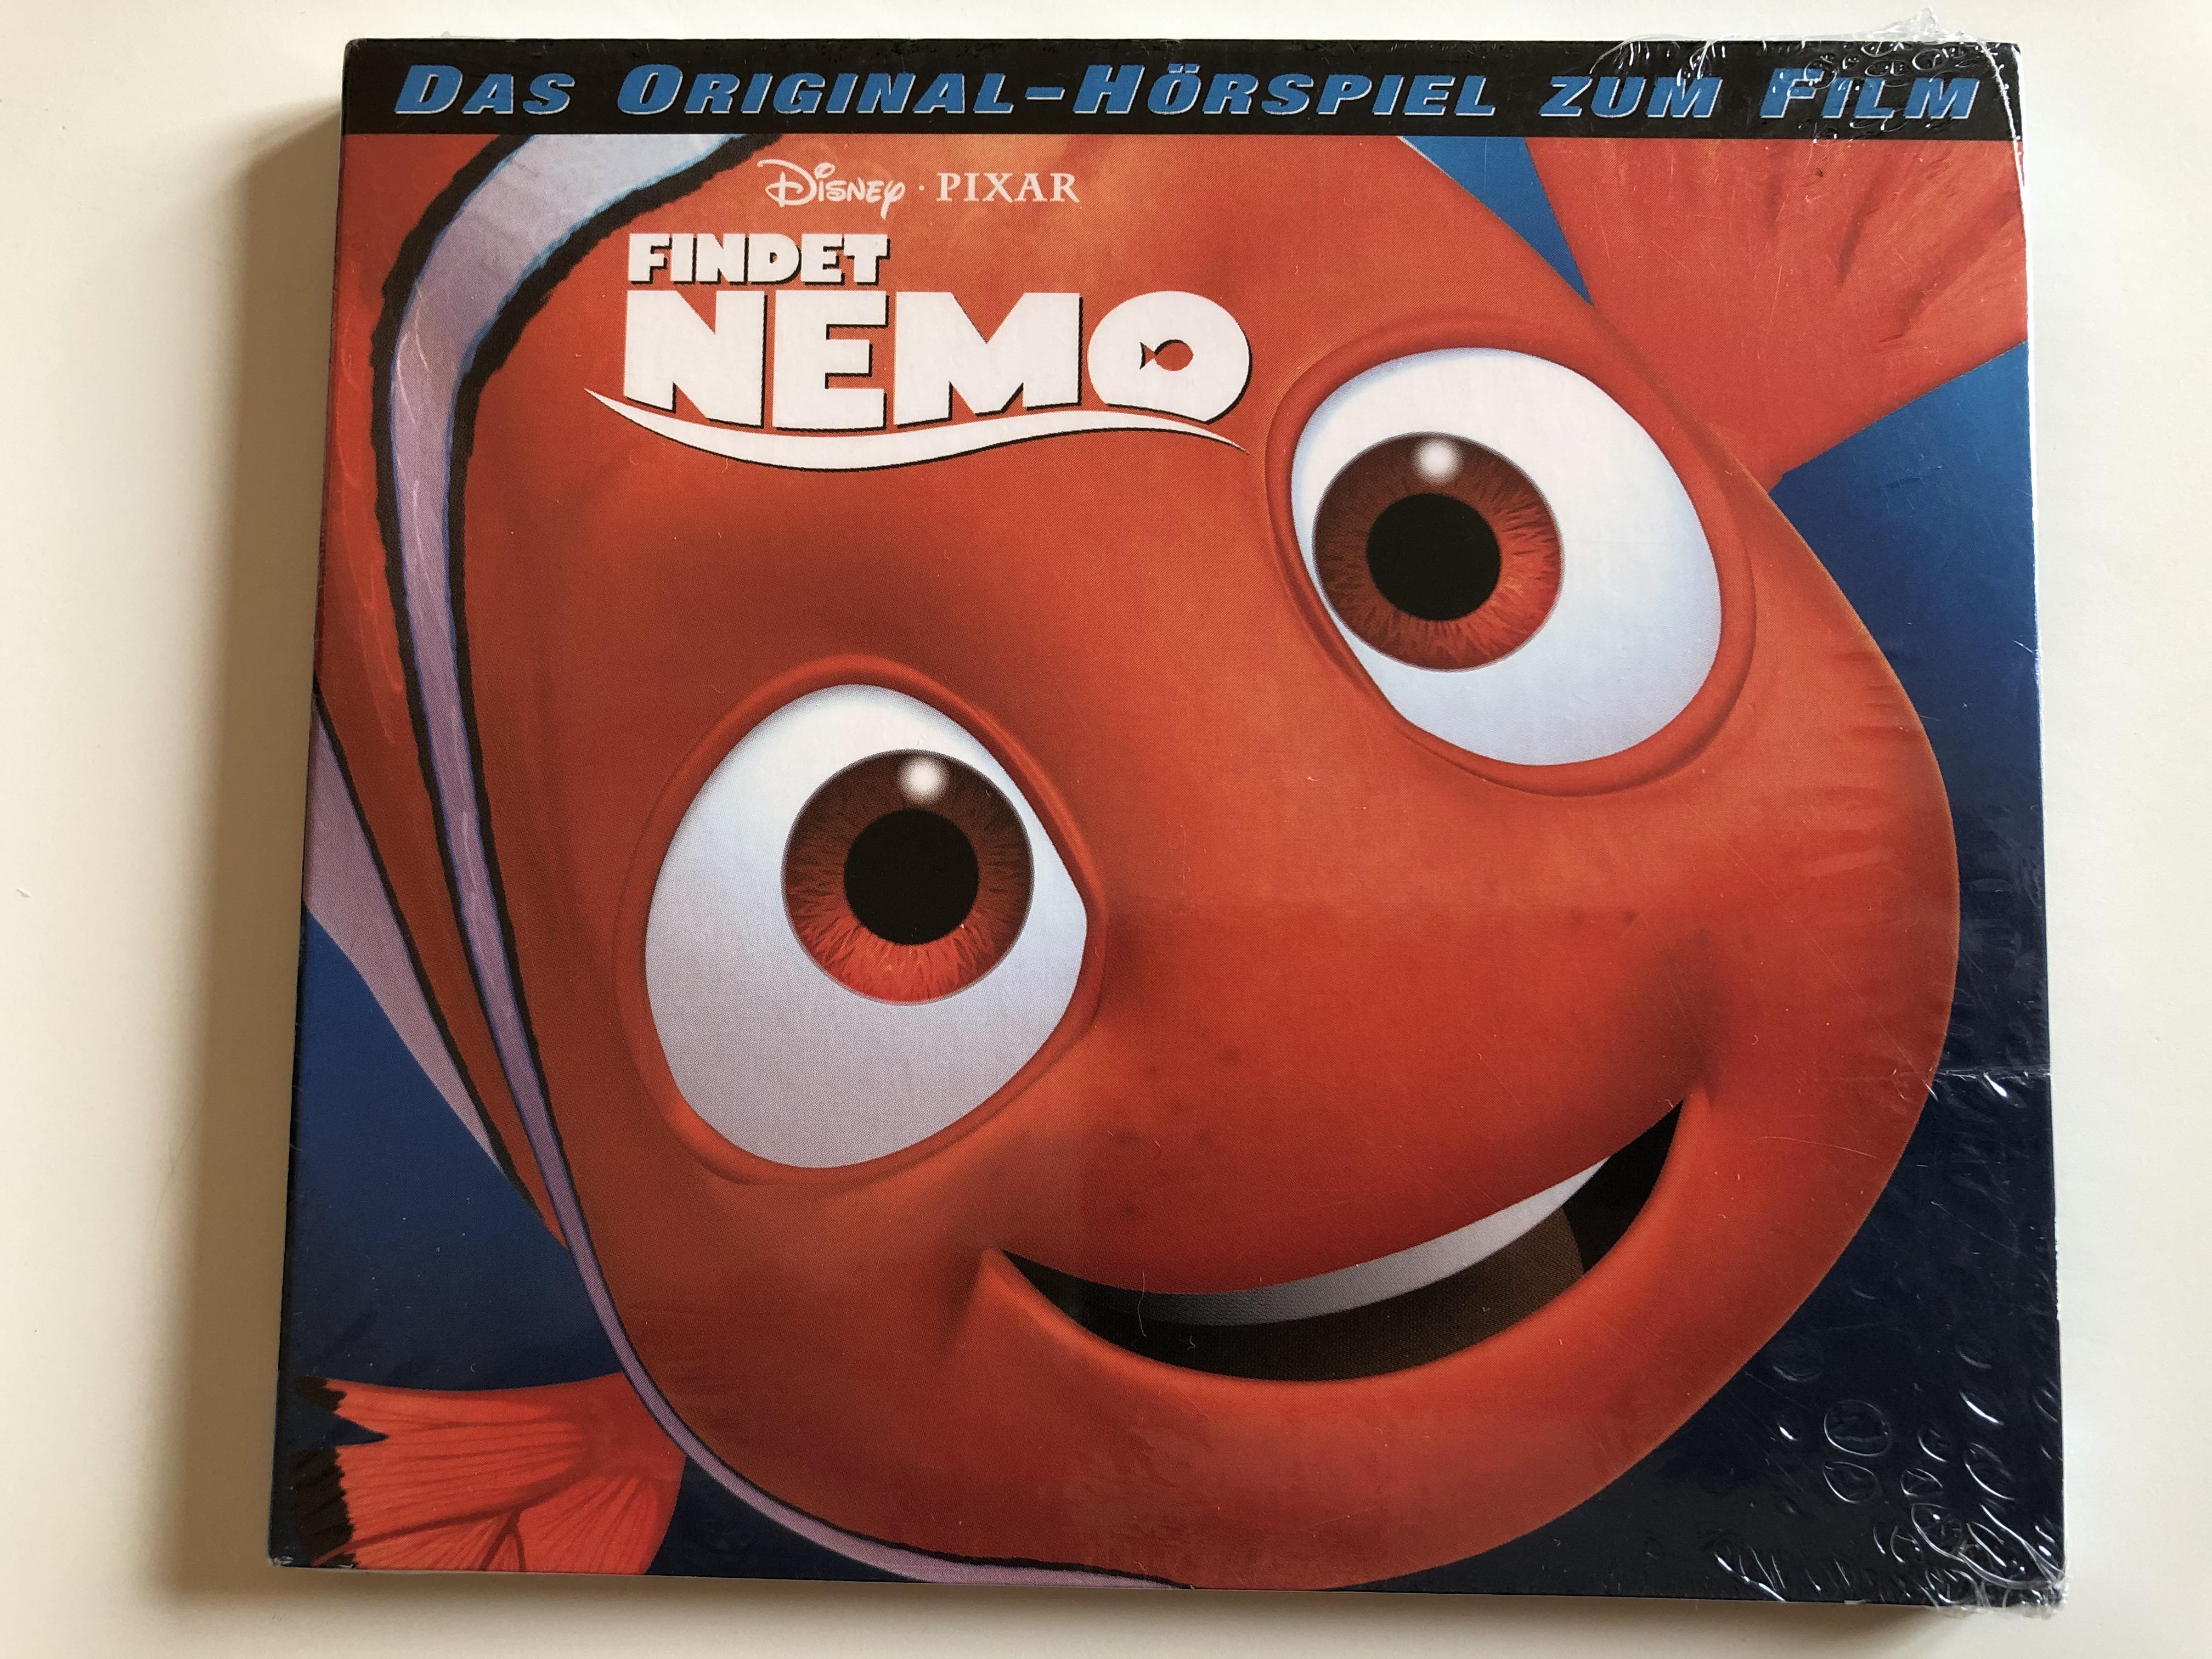 das-original-h-rspiel-zum-film-findet-nemo-disney-pixar-walt-disney-records-audio-cd-2013-19984-1-.jpg